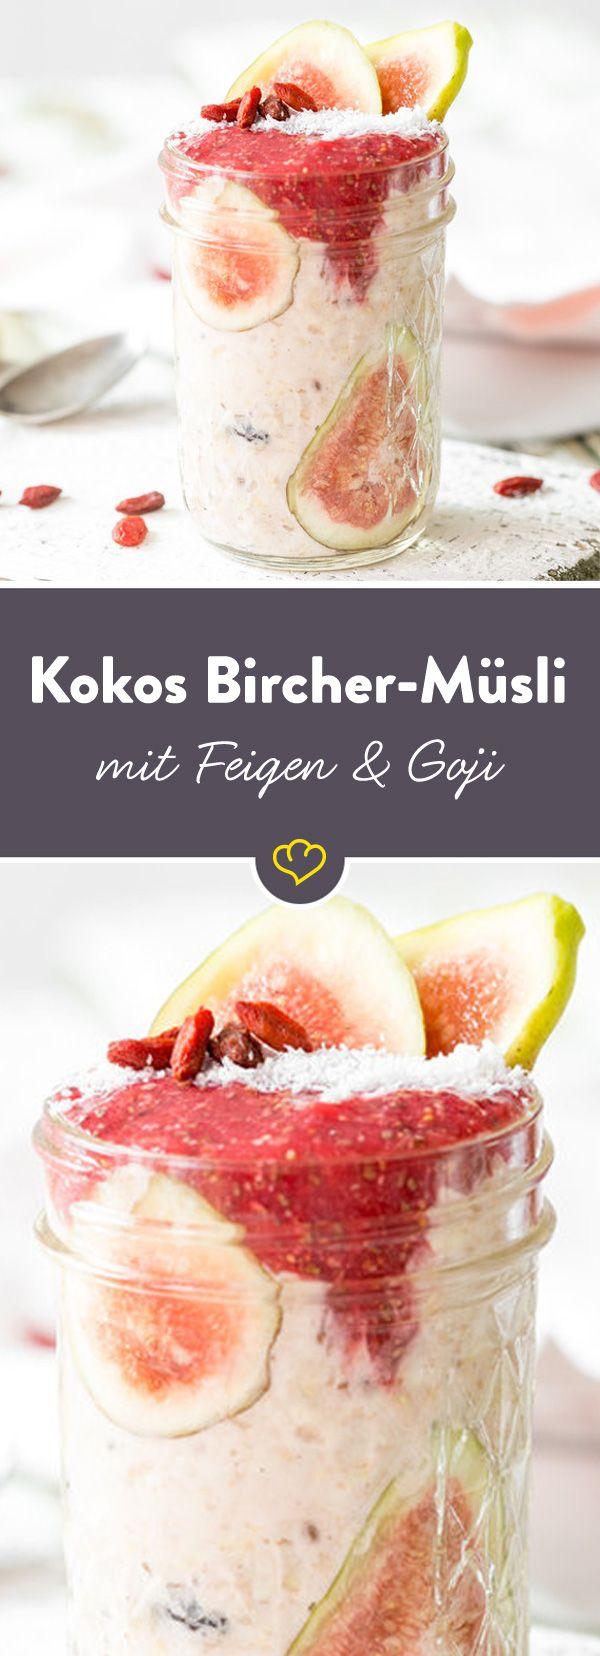 Kokosmilch aus der Karibik, Goji Beeren aus China und das Rezept aus der Schweiz - in einer Schale das Beste vereint. Multi-Kulti-Müsli zum Frühstück.